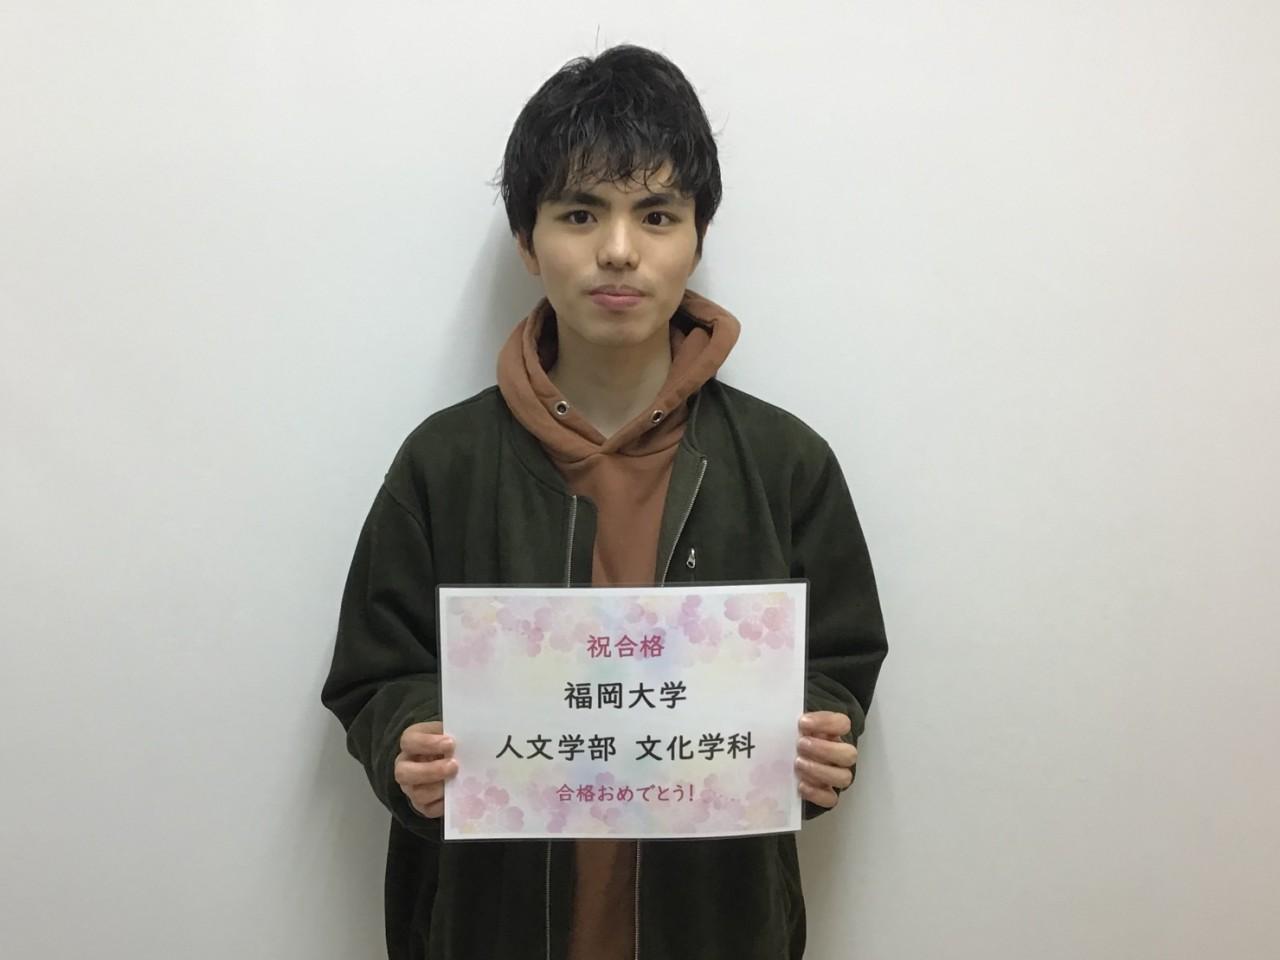 福岡大学 人文